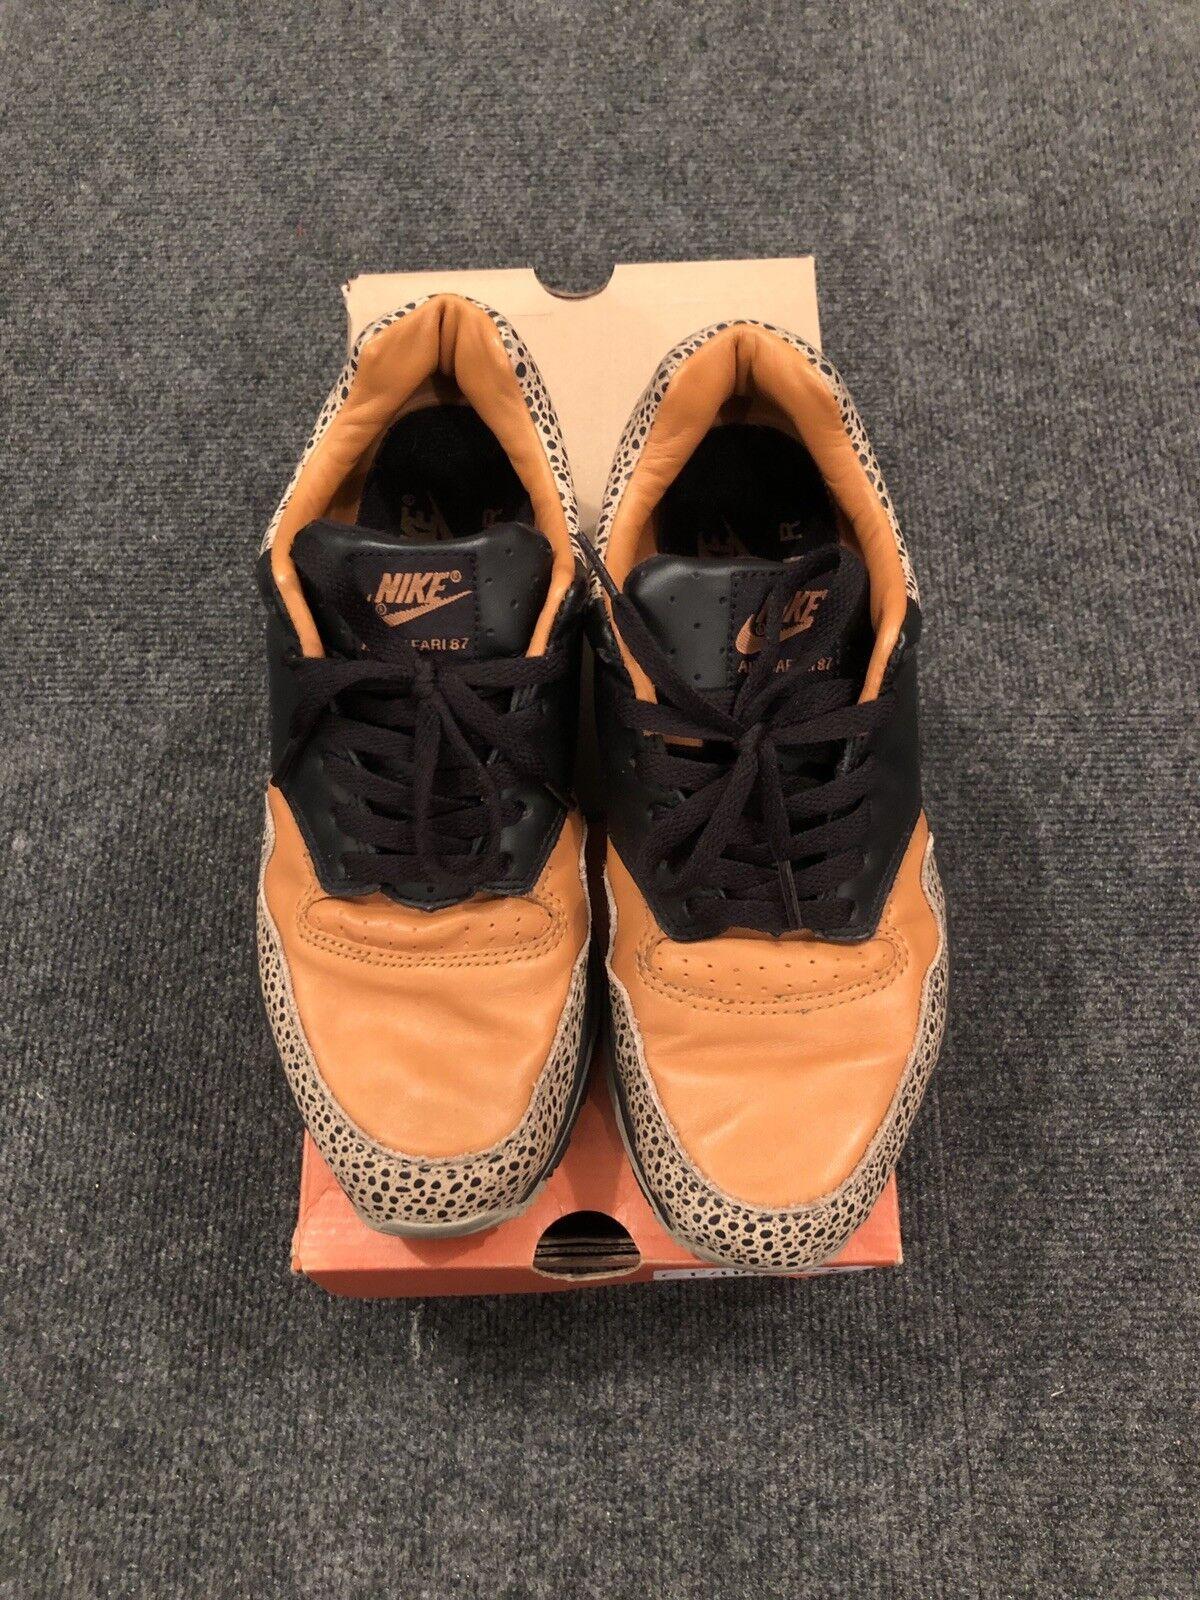 Vintage Nike Air Max Safari Mens Size 8